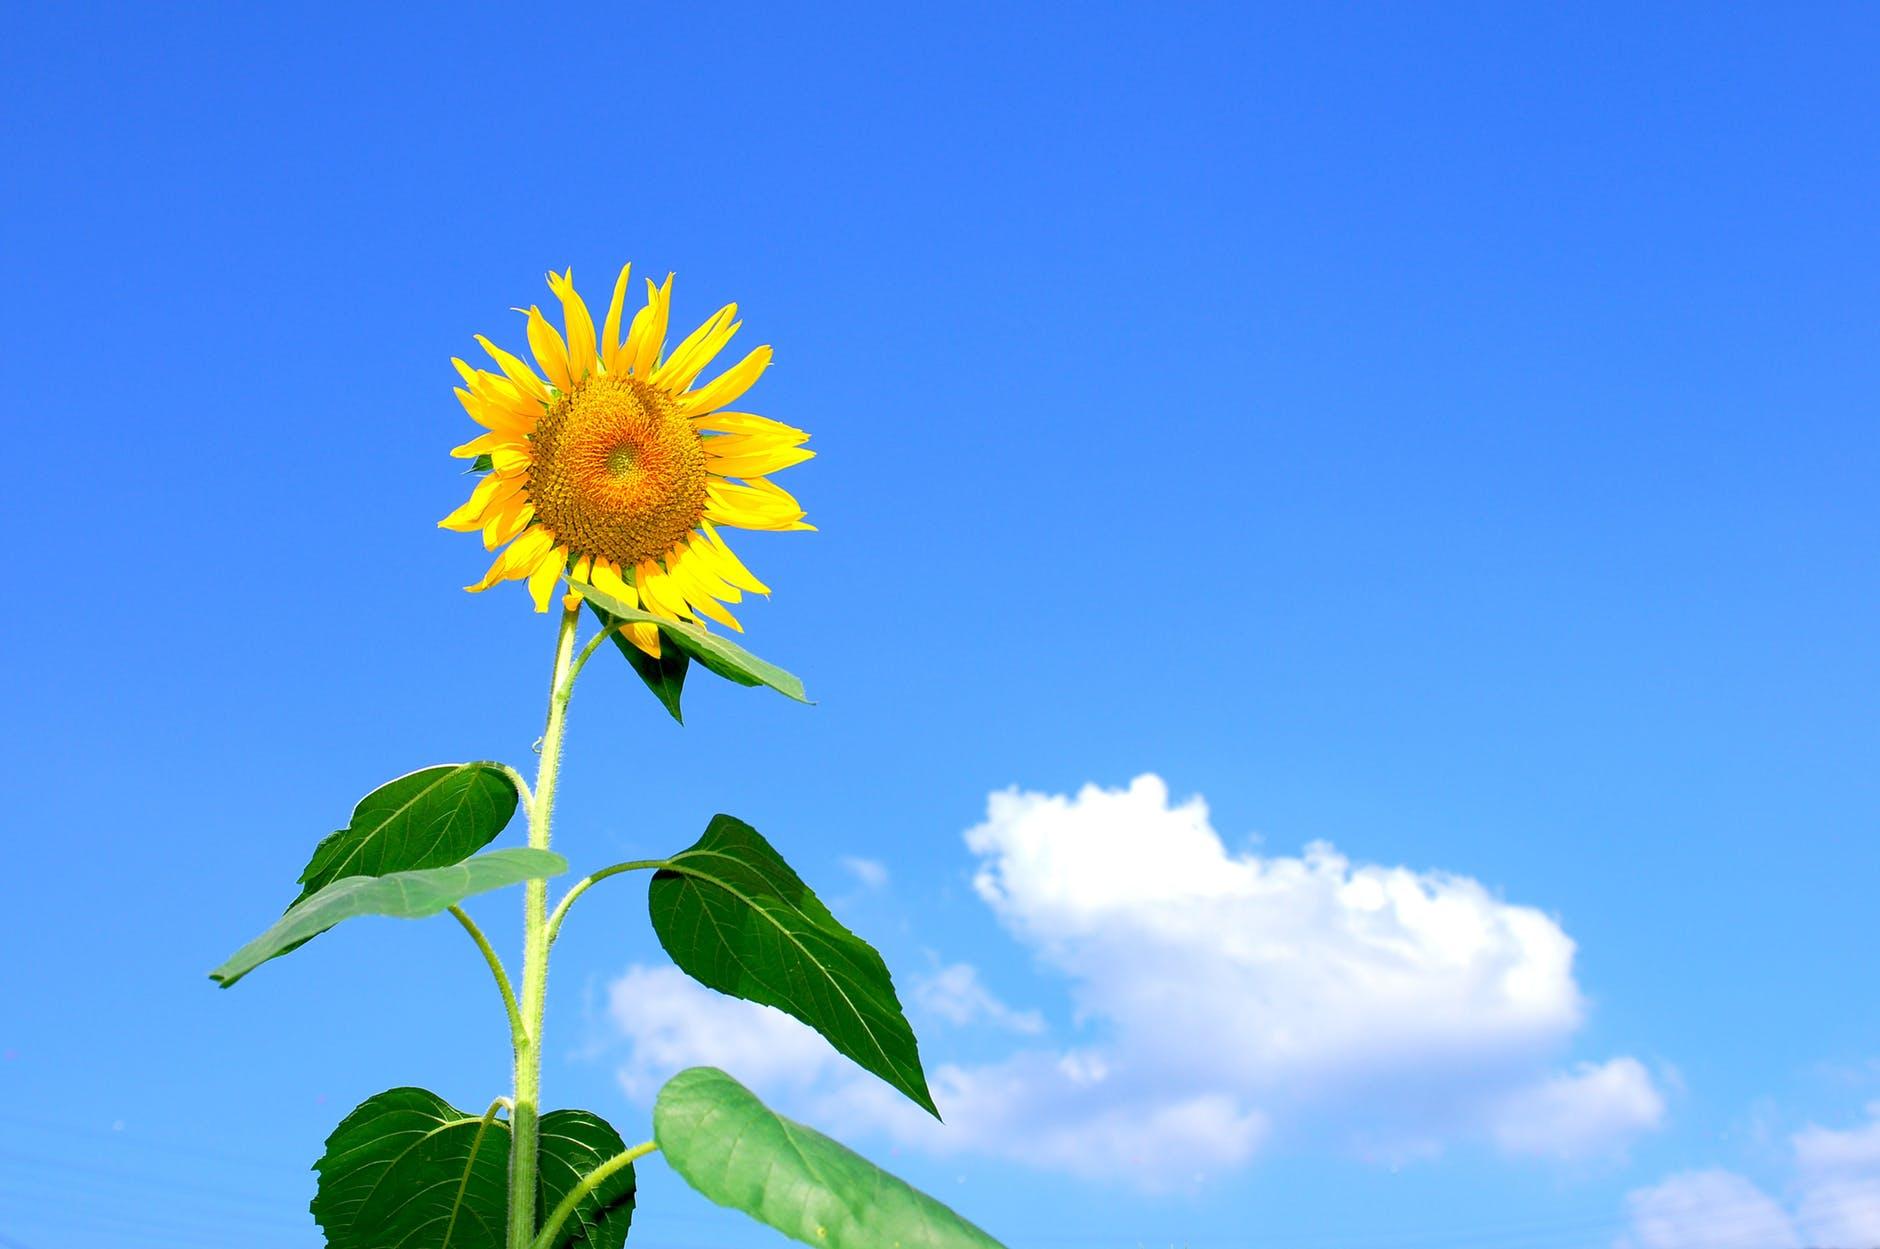 summer-sunflower-flowers-sky-54459.jpeg